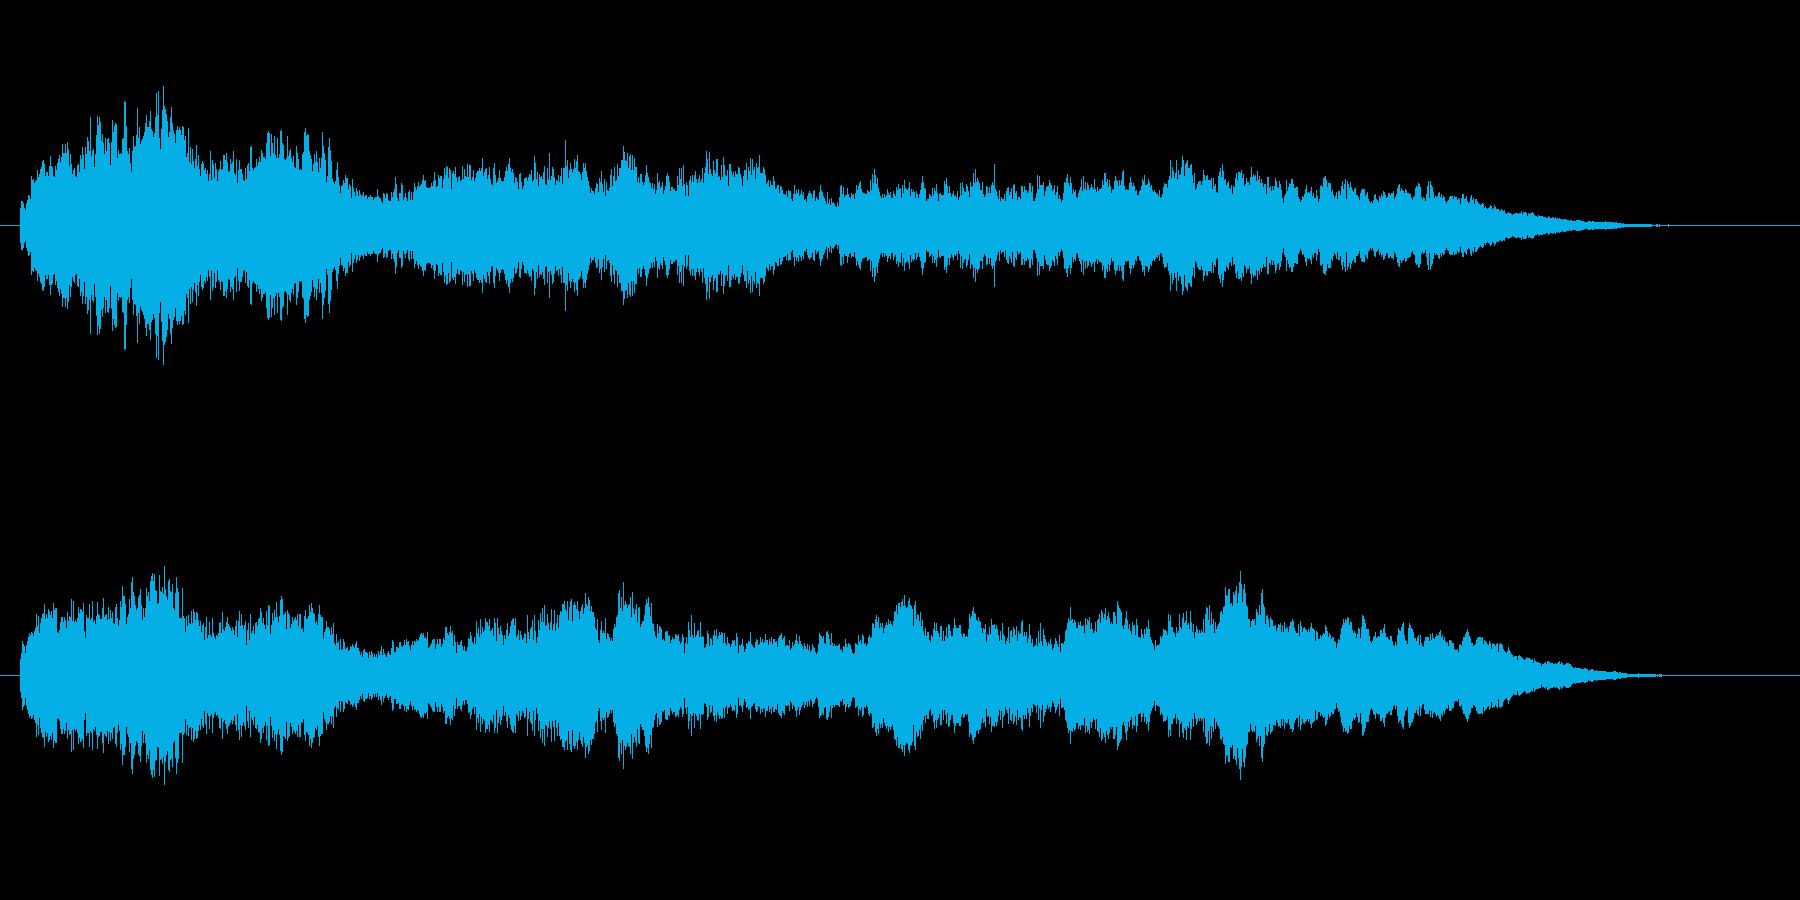 哀しいオーケストラジングルの再生済みの波形